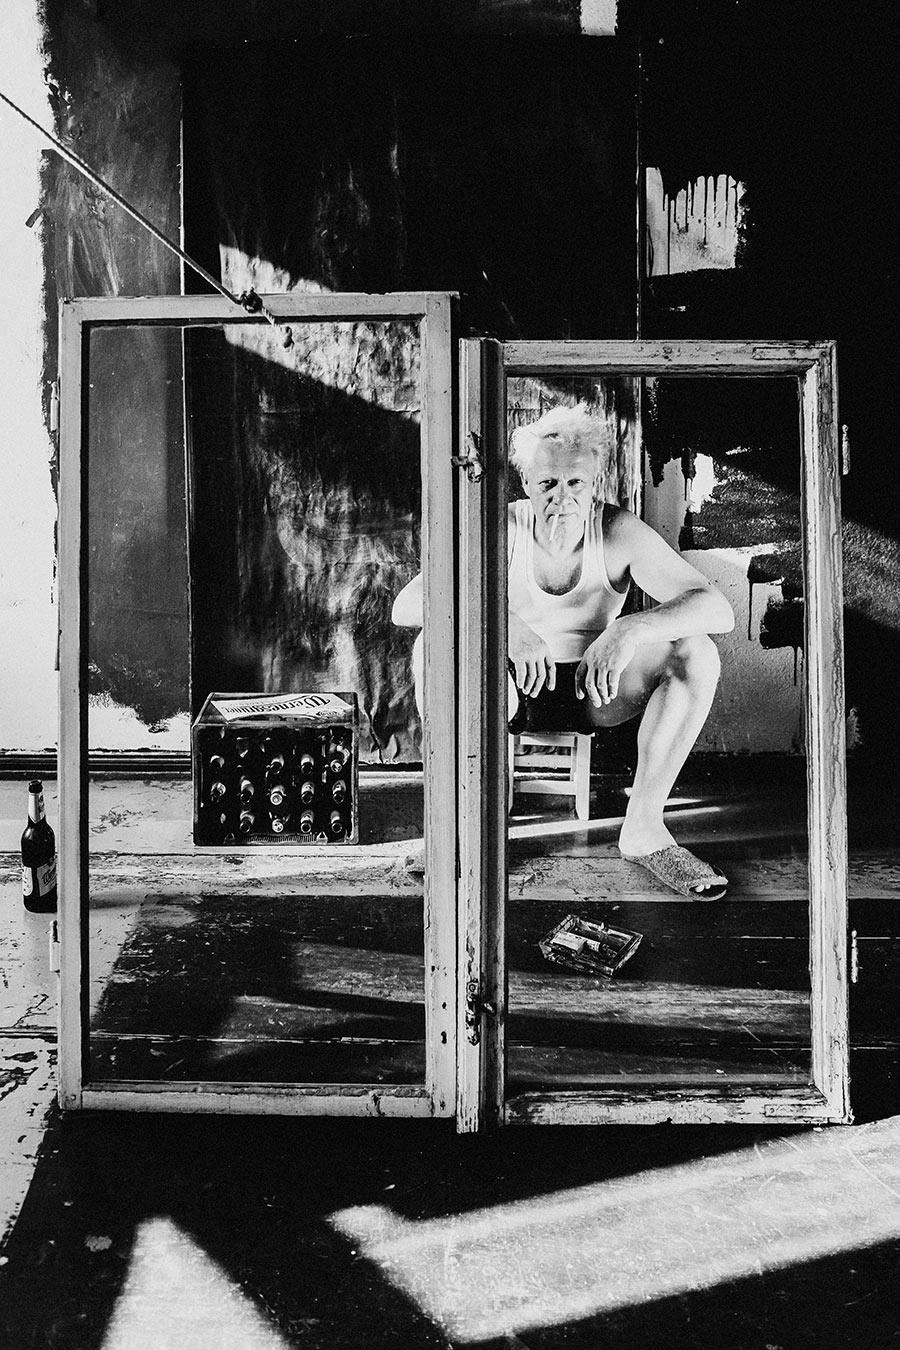 hinterdenfenstern_diefreundschaft_antjekroeger